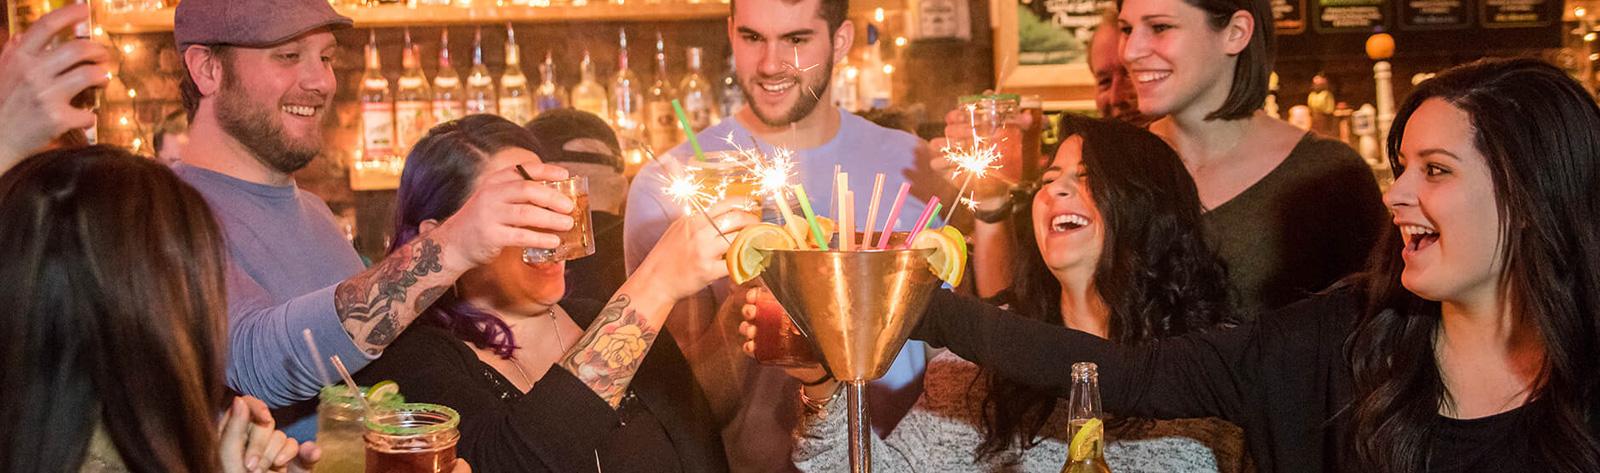 Birthday Parties Limousine For Sausalito